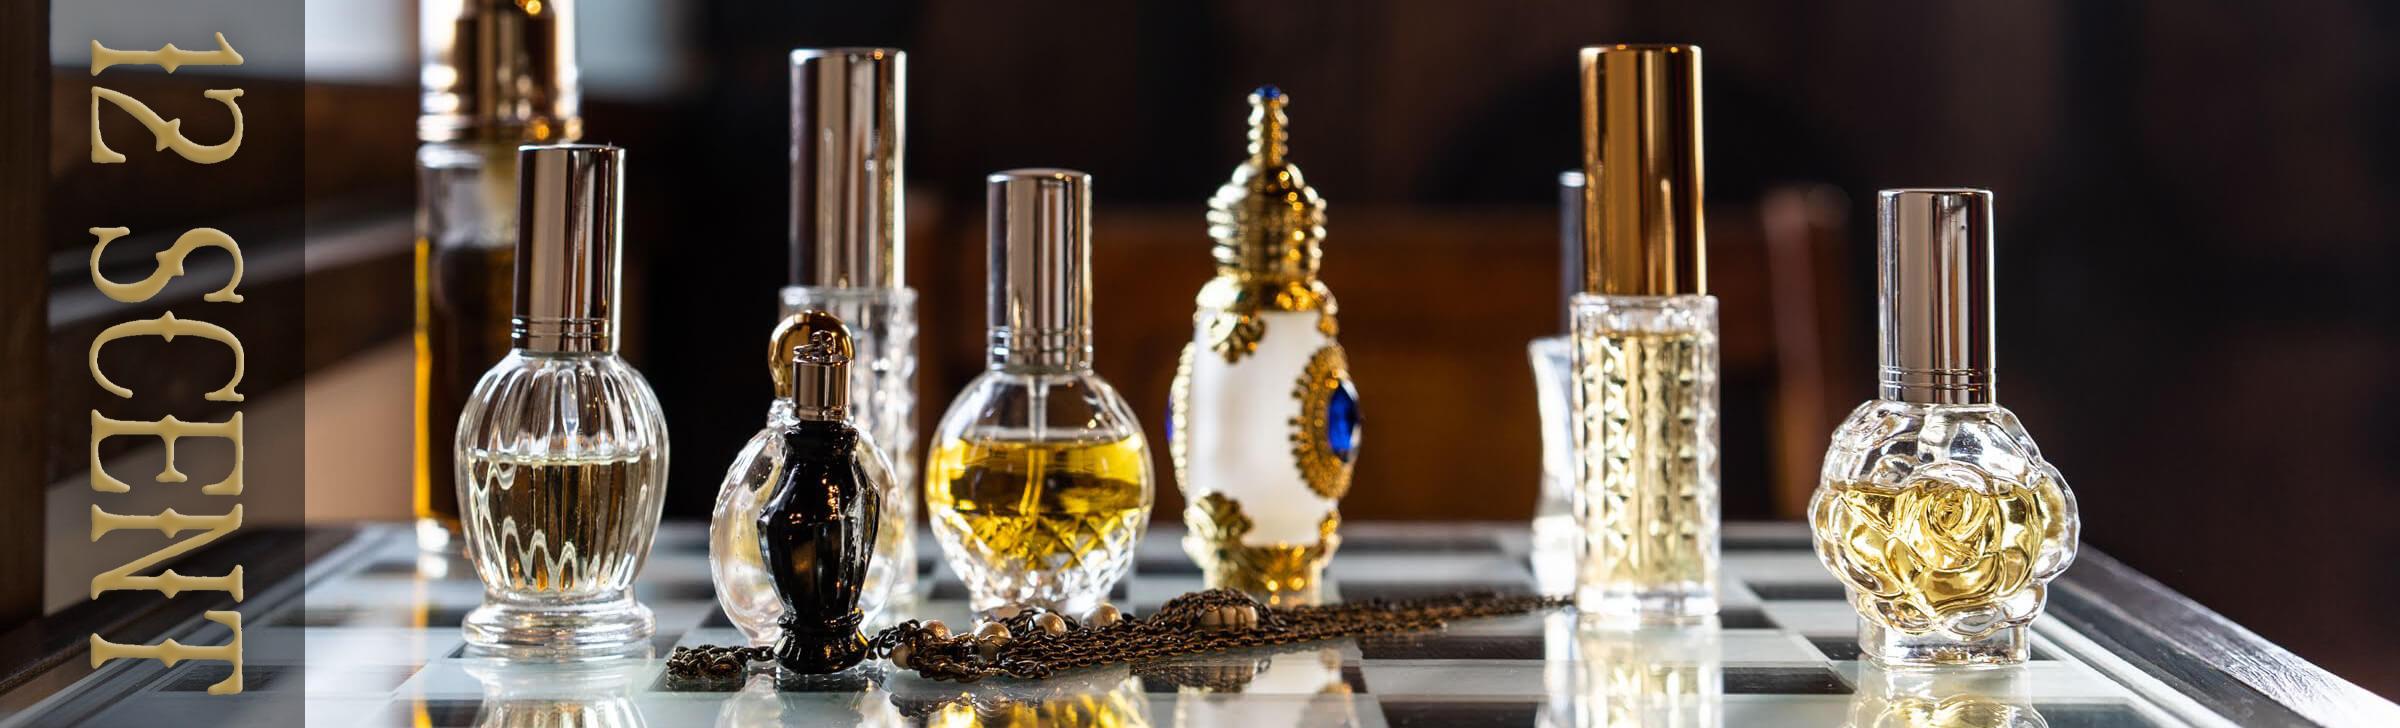 12 Scent:香りを使ったコンサルティング